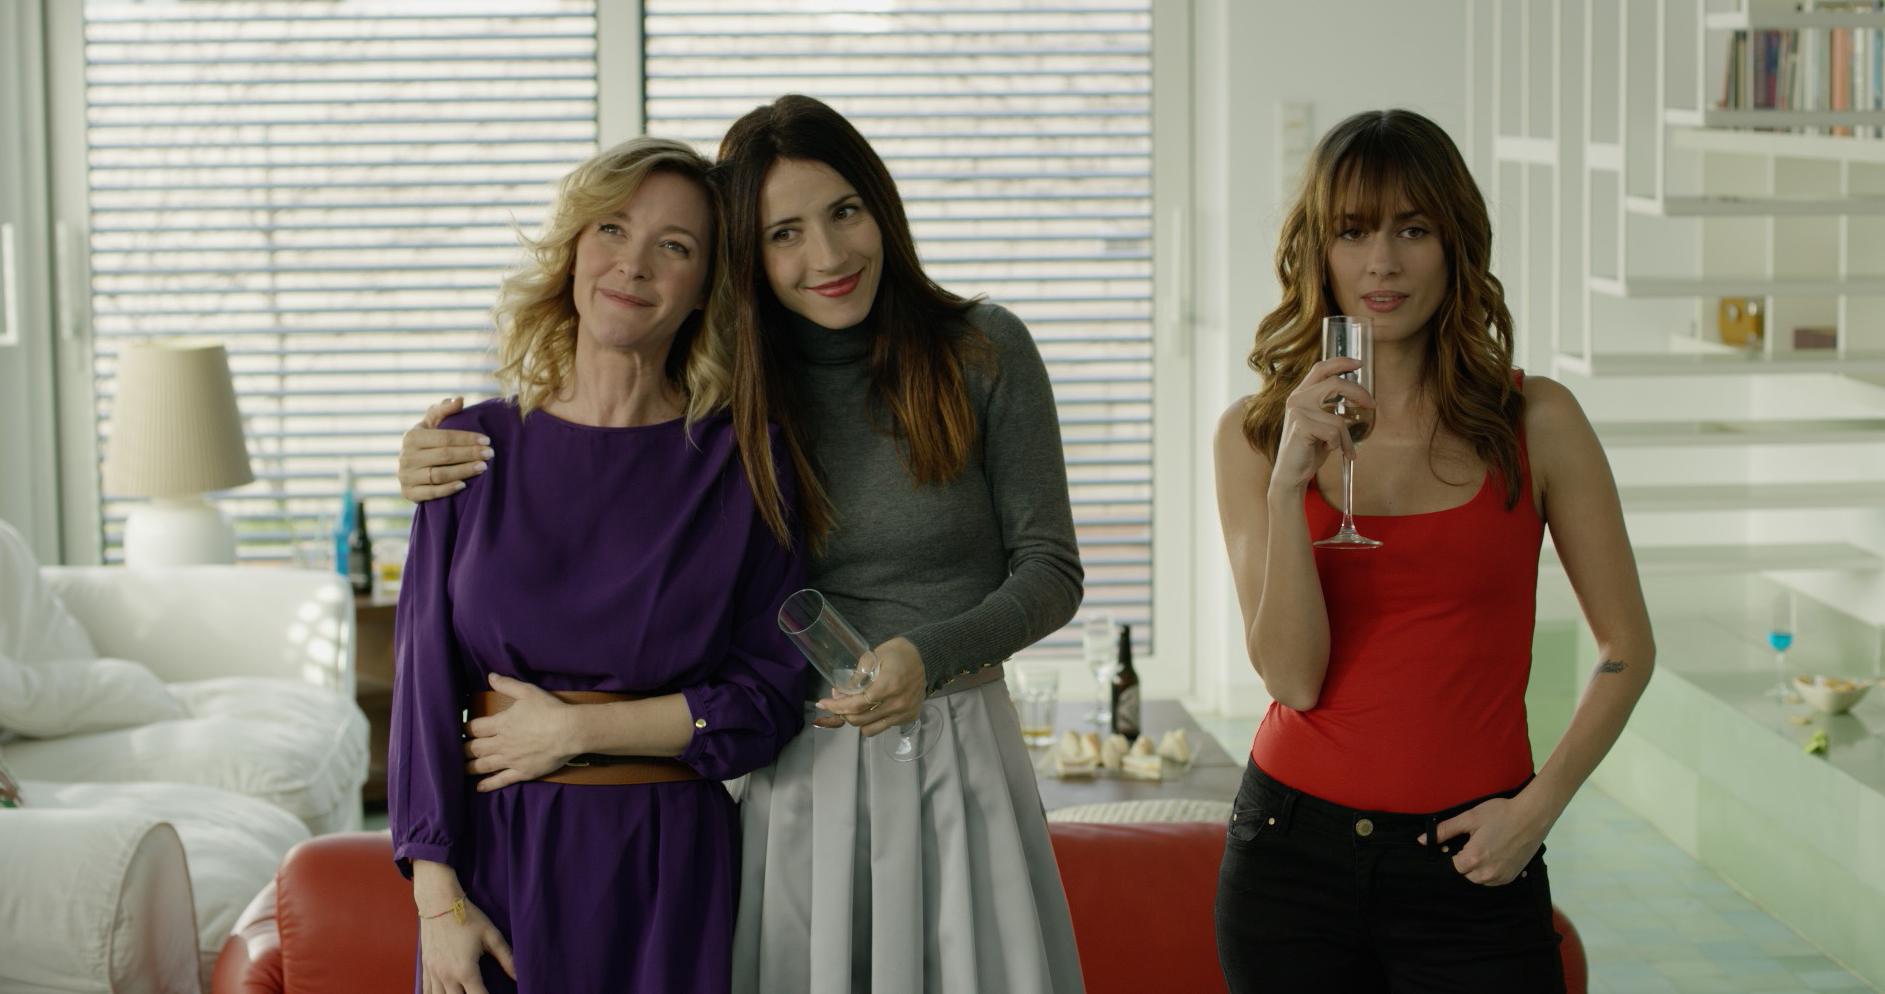 María Esteve, Bárbara Goenaga, and Silvia Alonso in Hacerse mayor y otros problemas (2018)